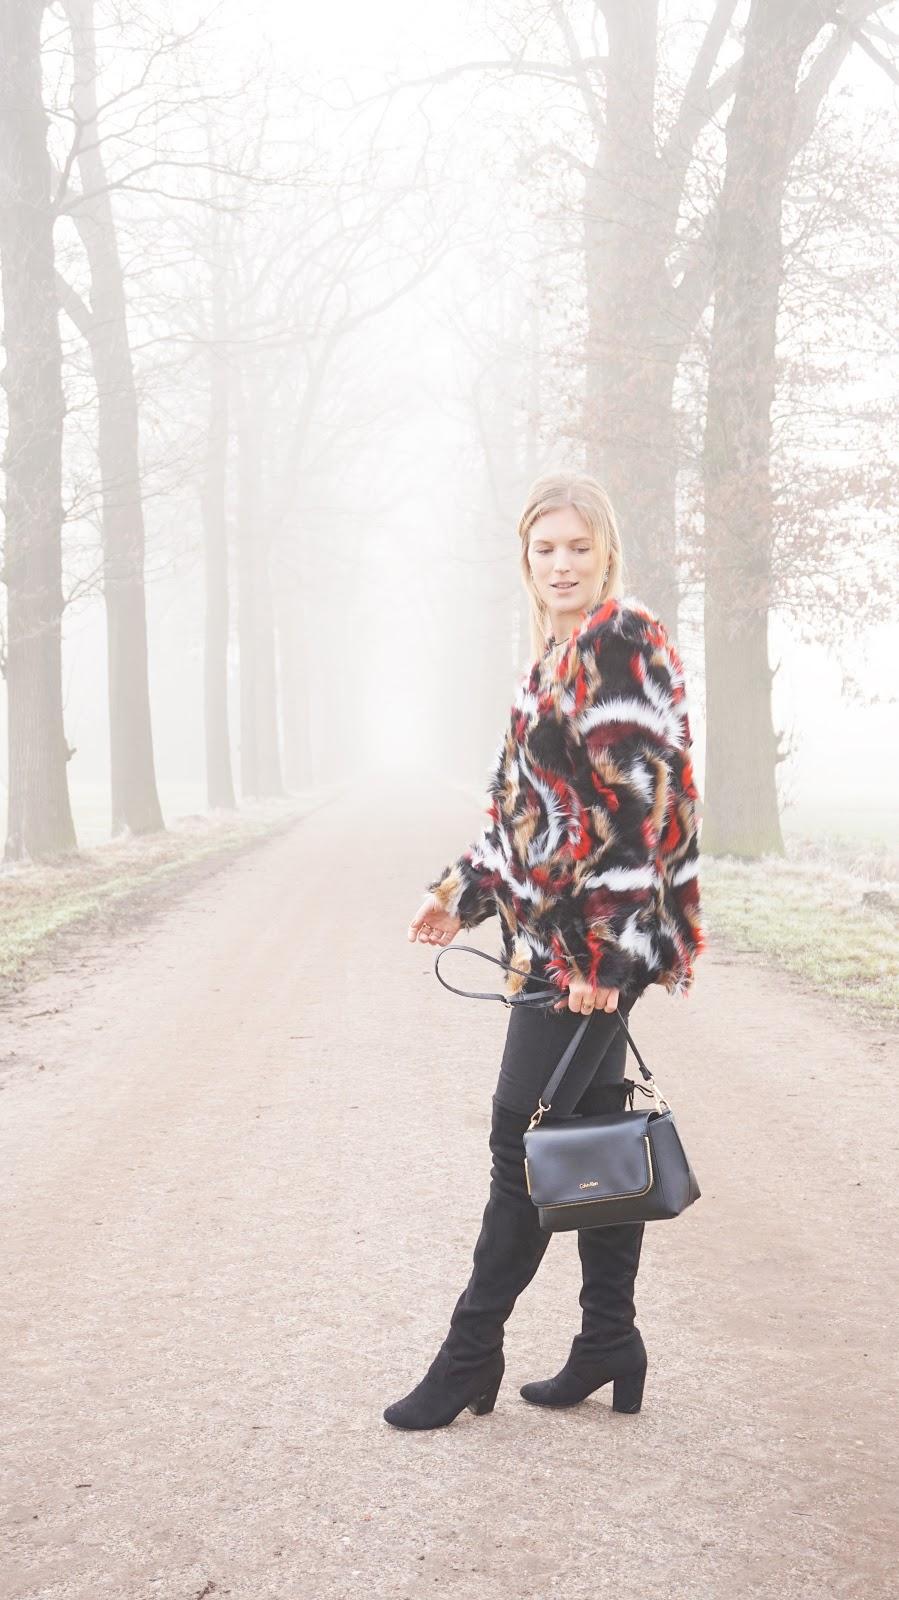 DSC02956 | Eline Van Dingenen